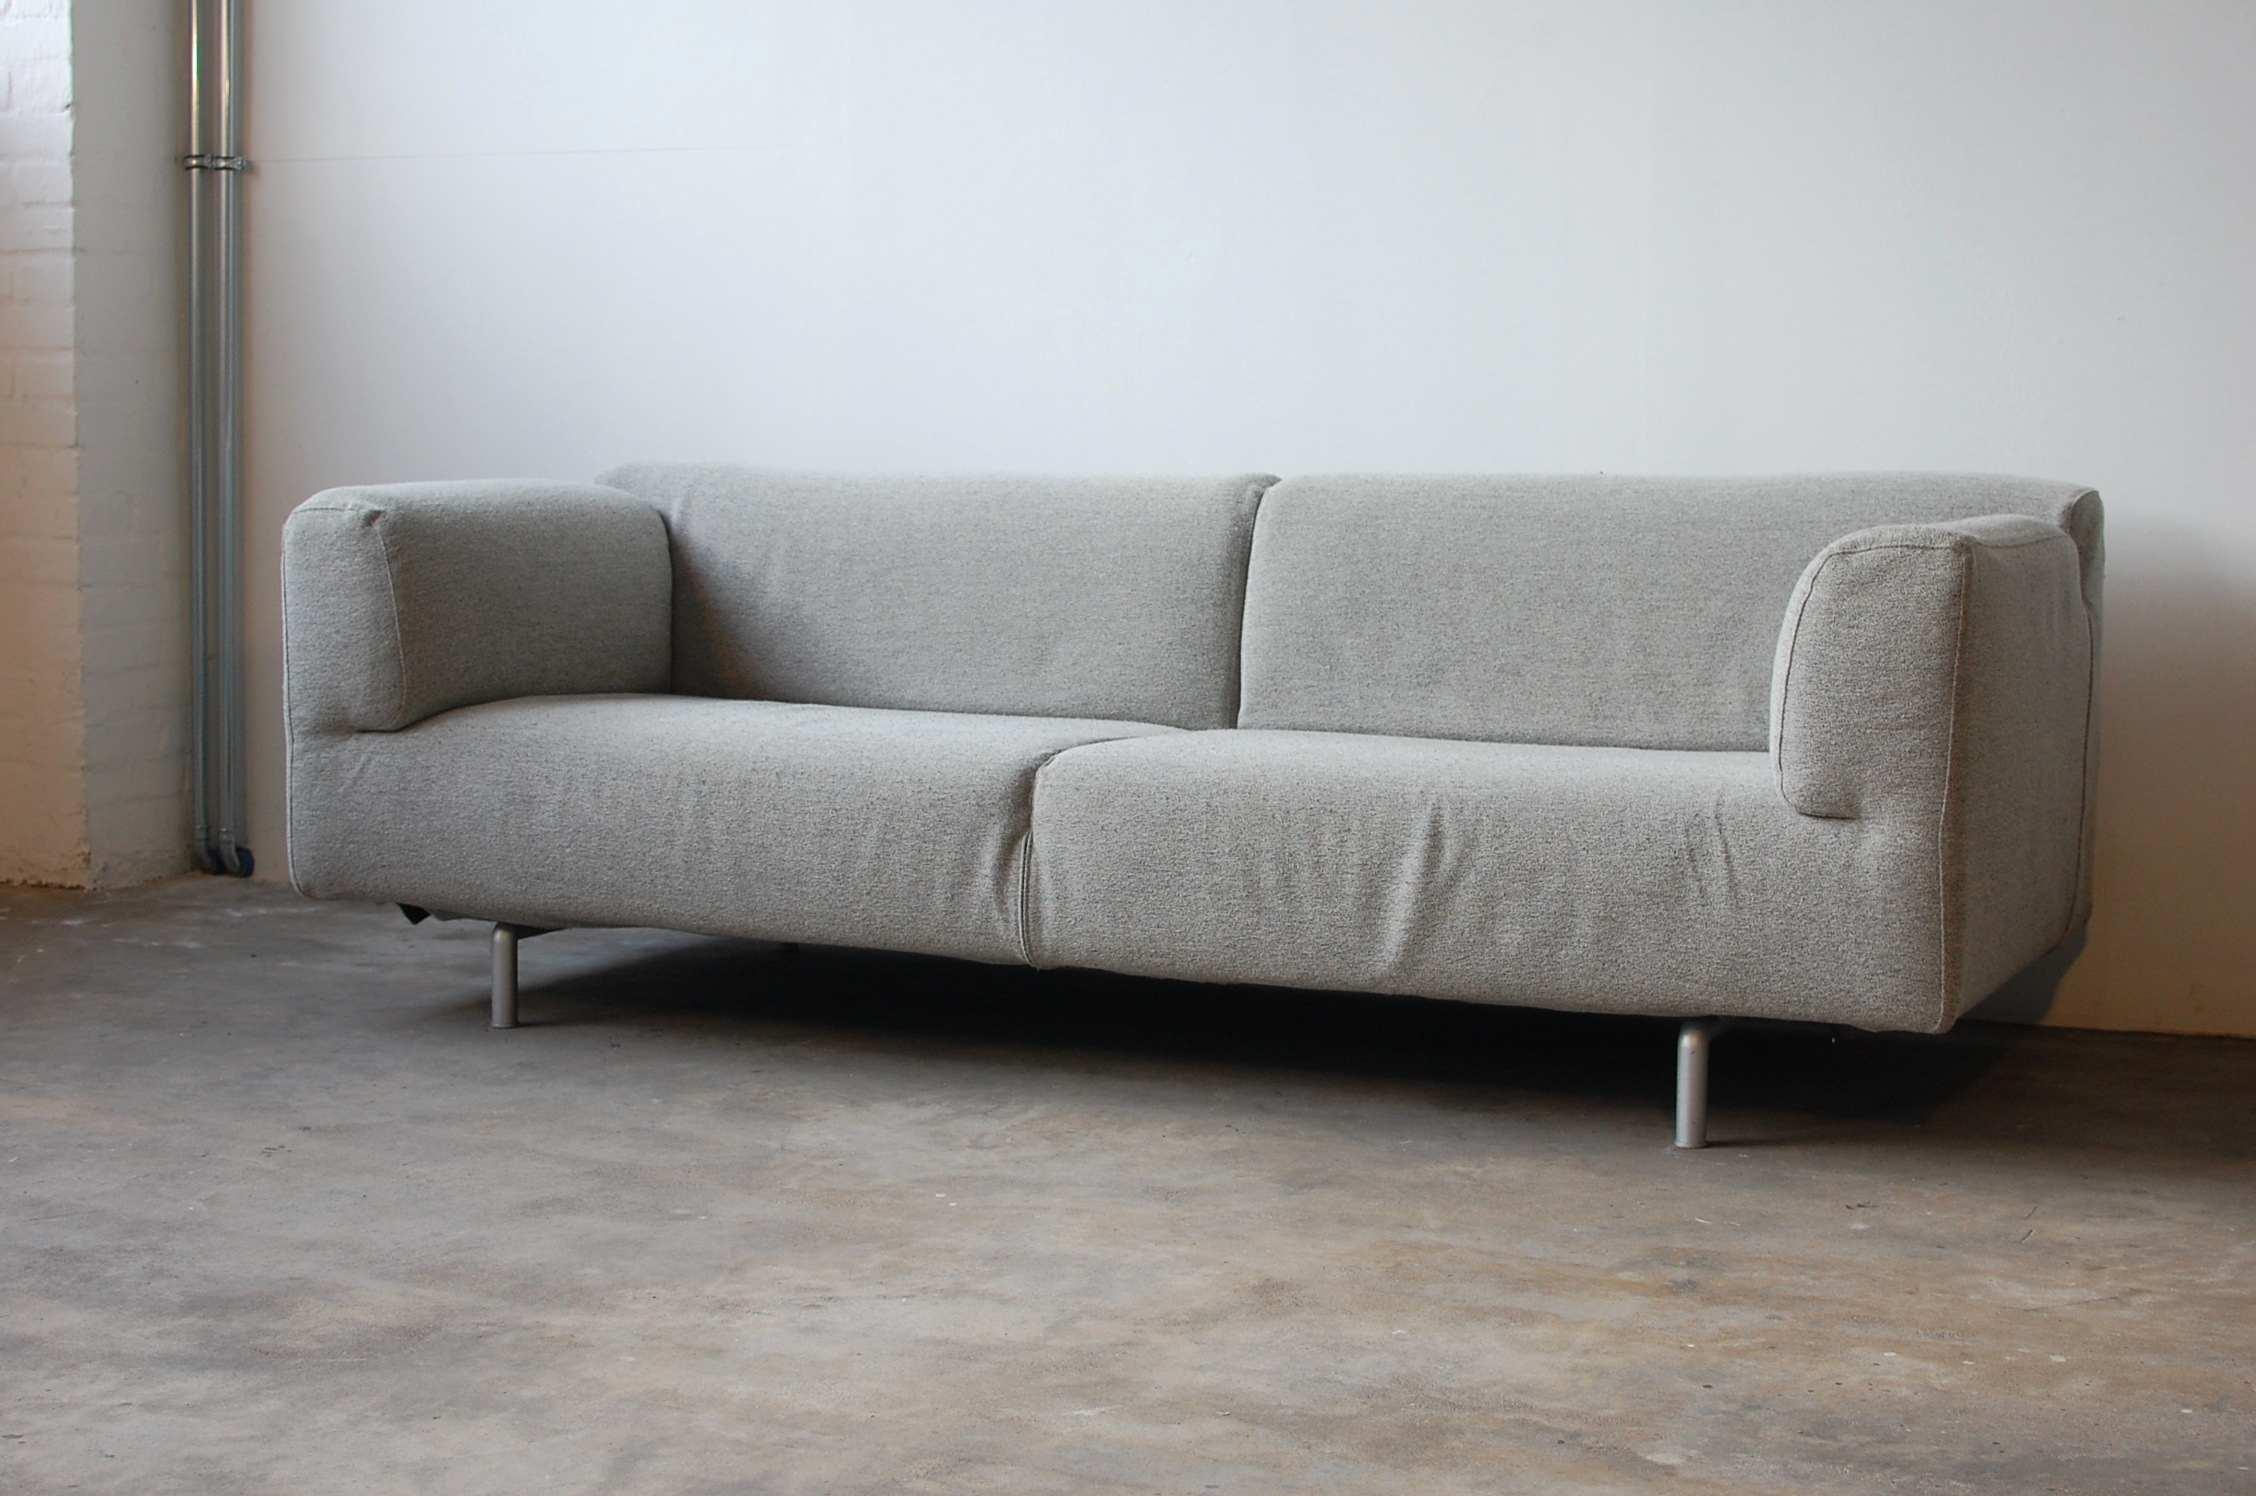 Full Size of Sofa Auf Raten Stoff Kaufen Genial Couch Grau Inspirierend Wohnzimmer Leder Türkis Stressless Kleines Riess Ambiente Grünes Xxxl Bora Luxus Karup 3er Blau Sofa Sofa Auf Raten